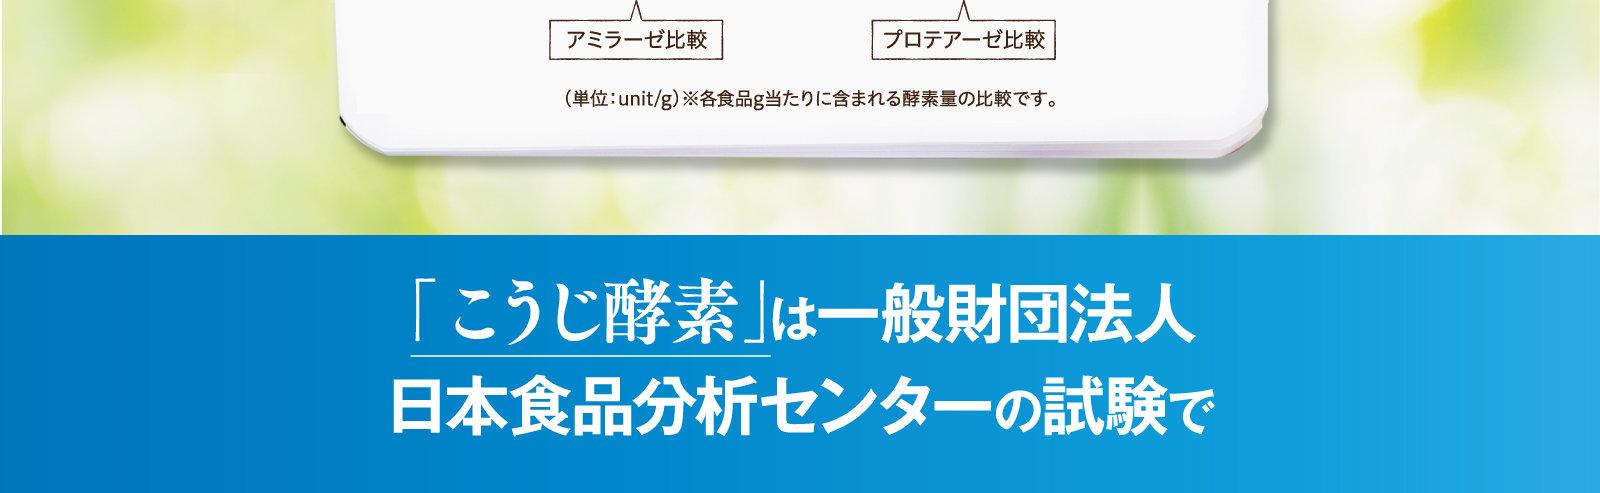 「こうじ酵素」は一般財団法人日本食品分析センターの試験で